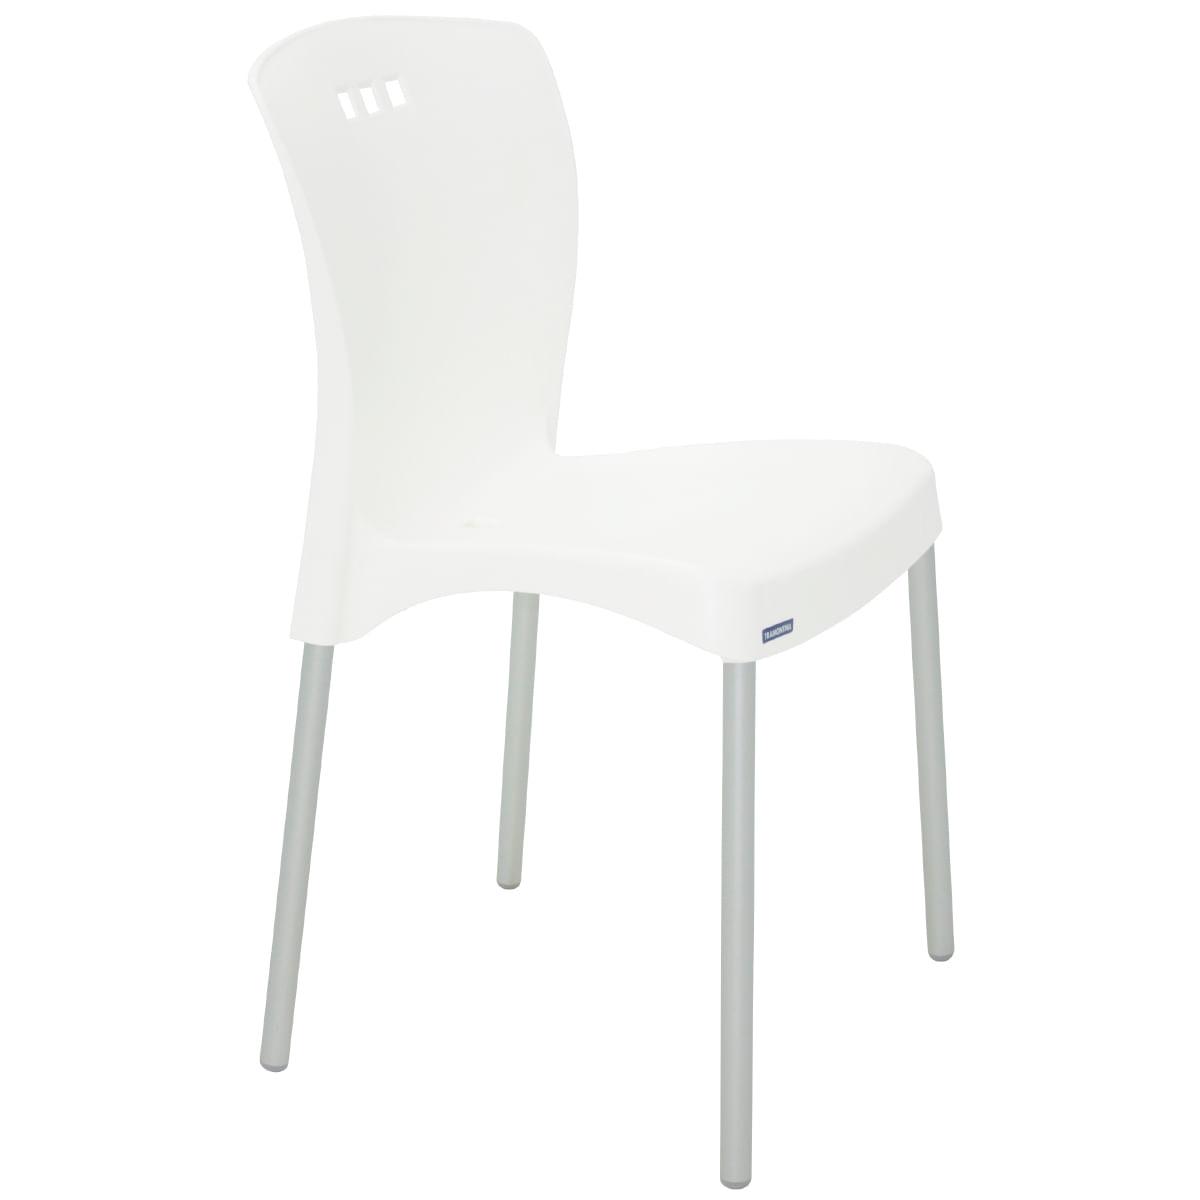 Cadeira Tramontina Mona em Polipropileno Branco com Pernas de Alumínio Anodizado